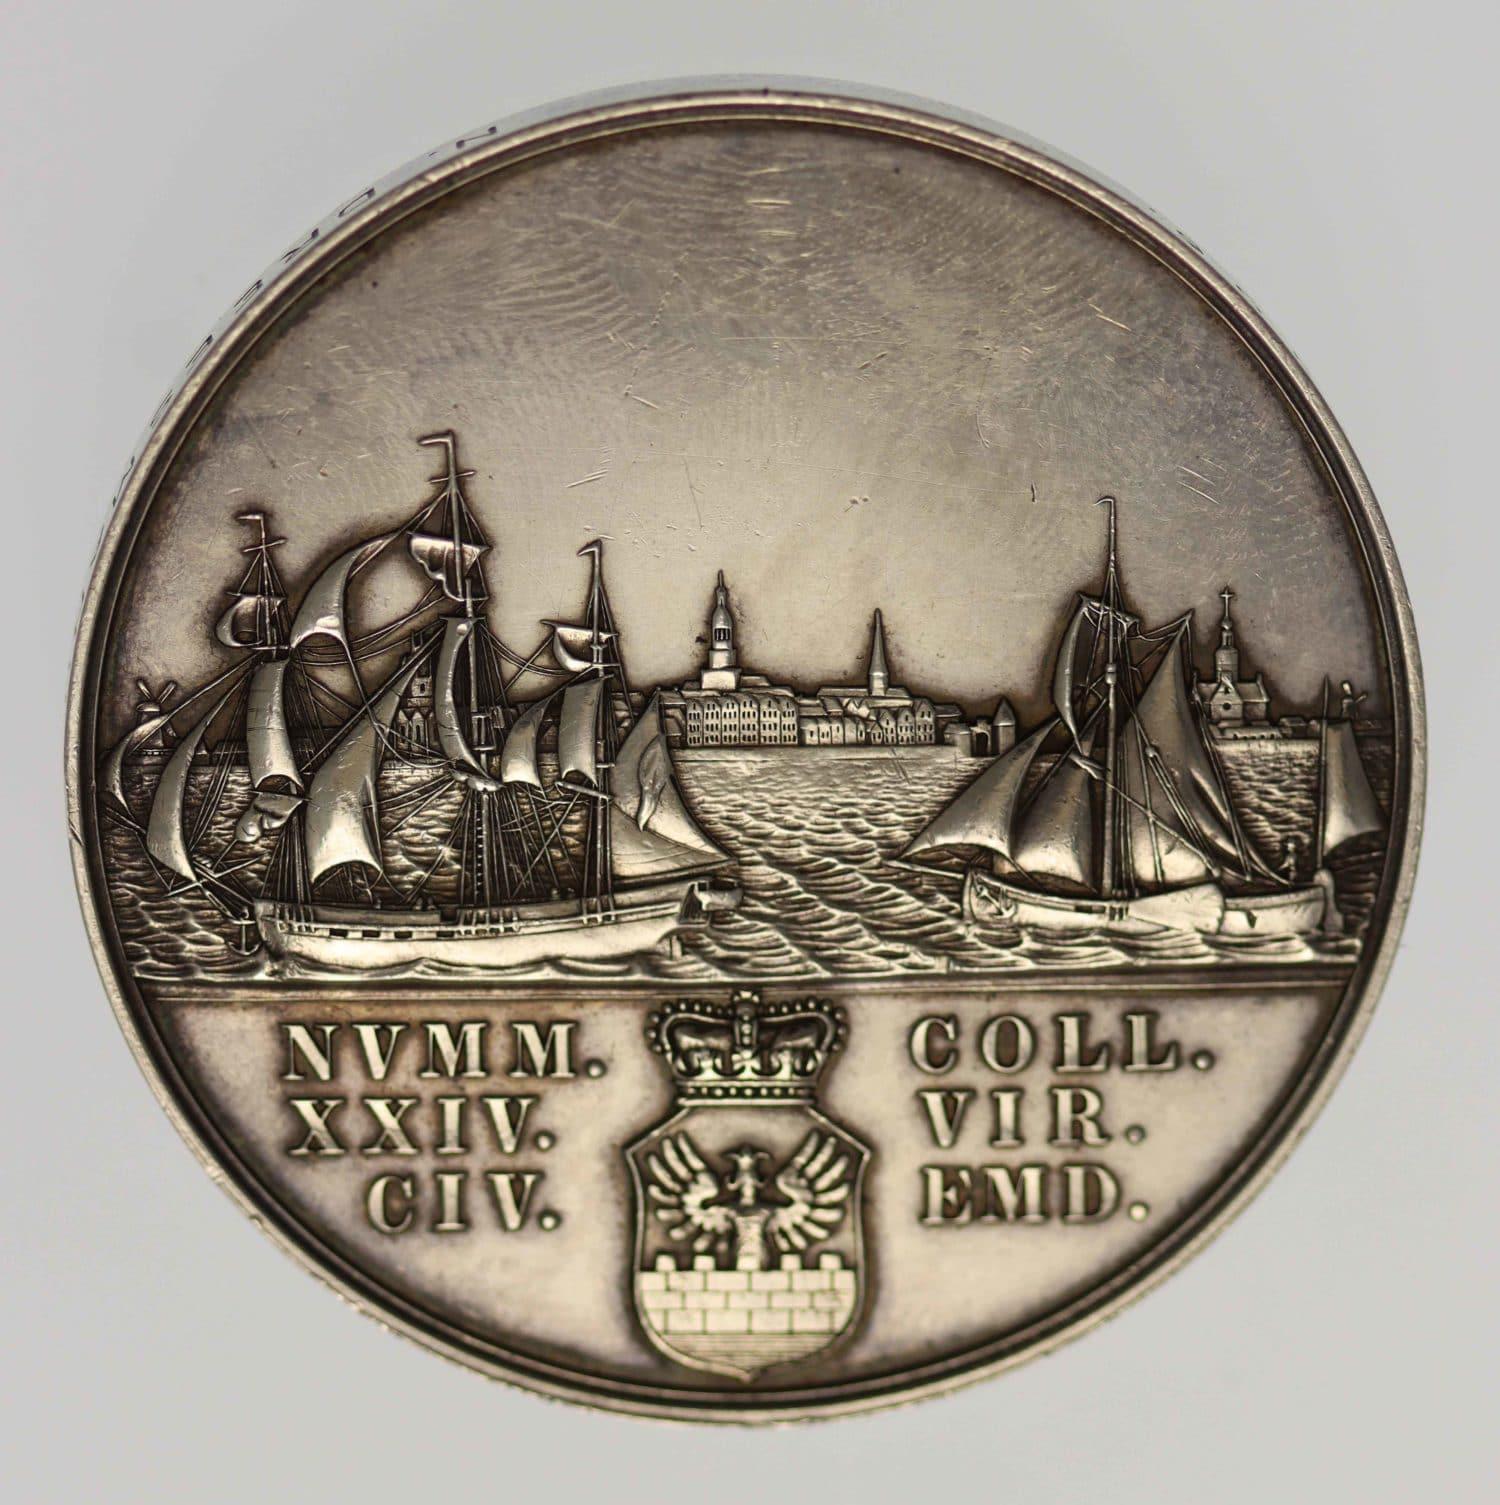 altdeutschland-deutsche-silbermuenzen - Emden Stadt Silbermedaille